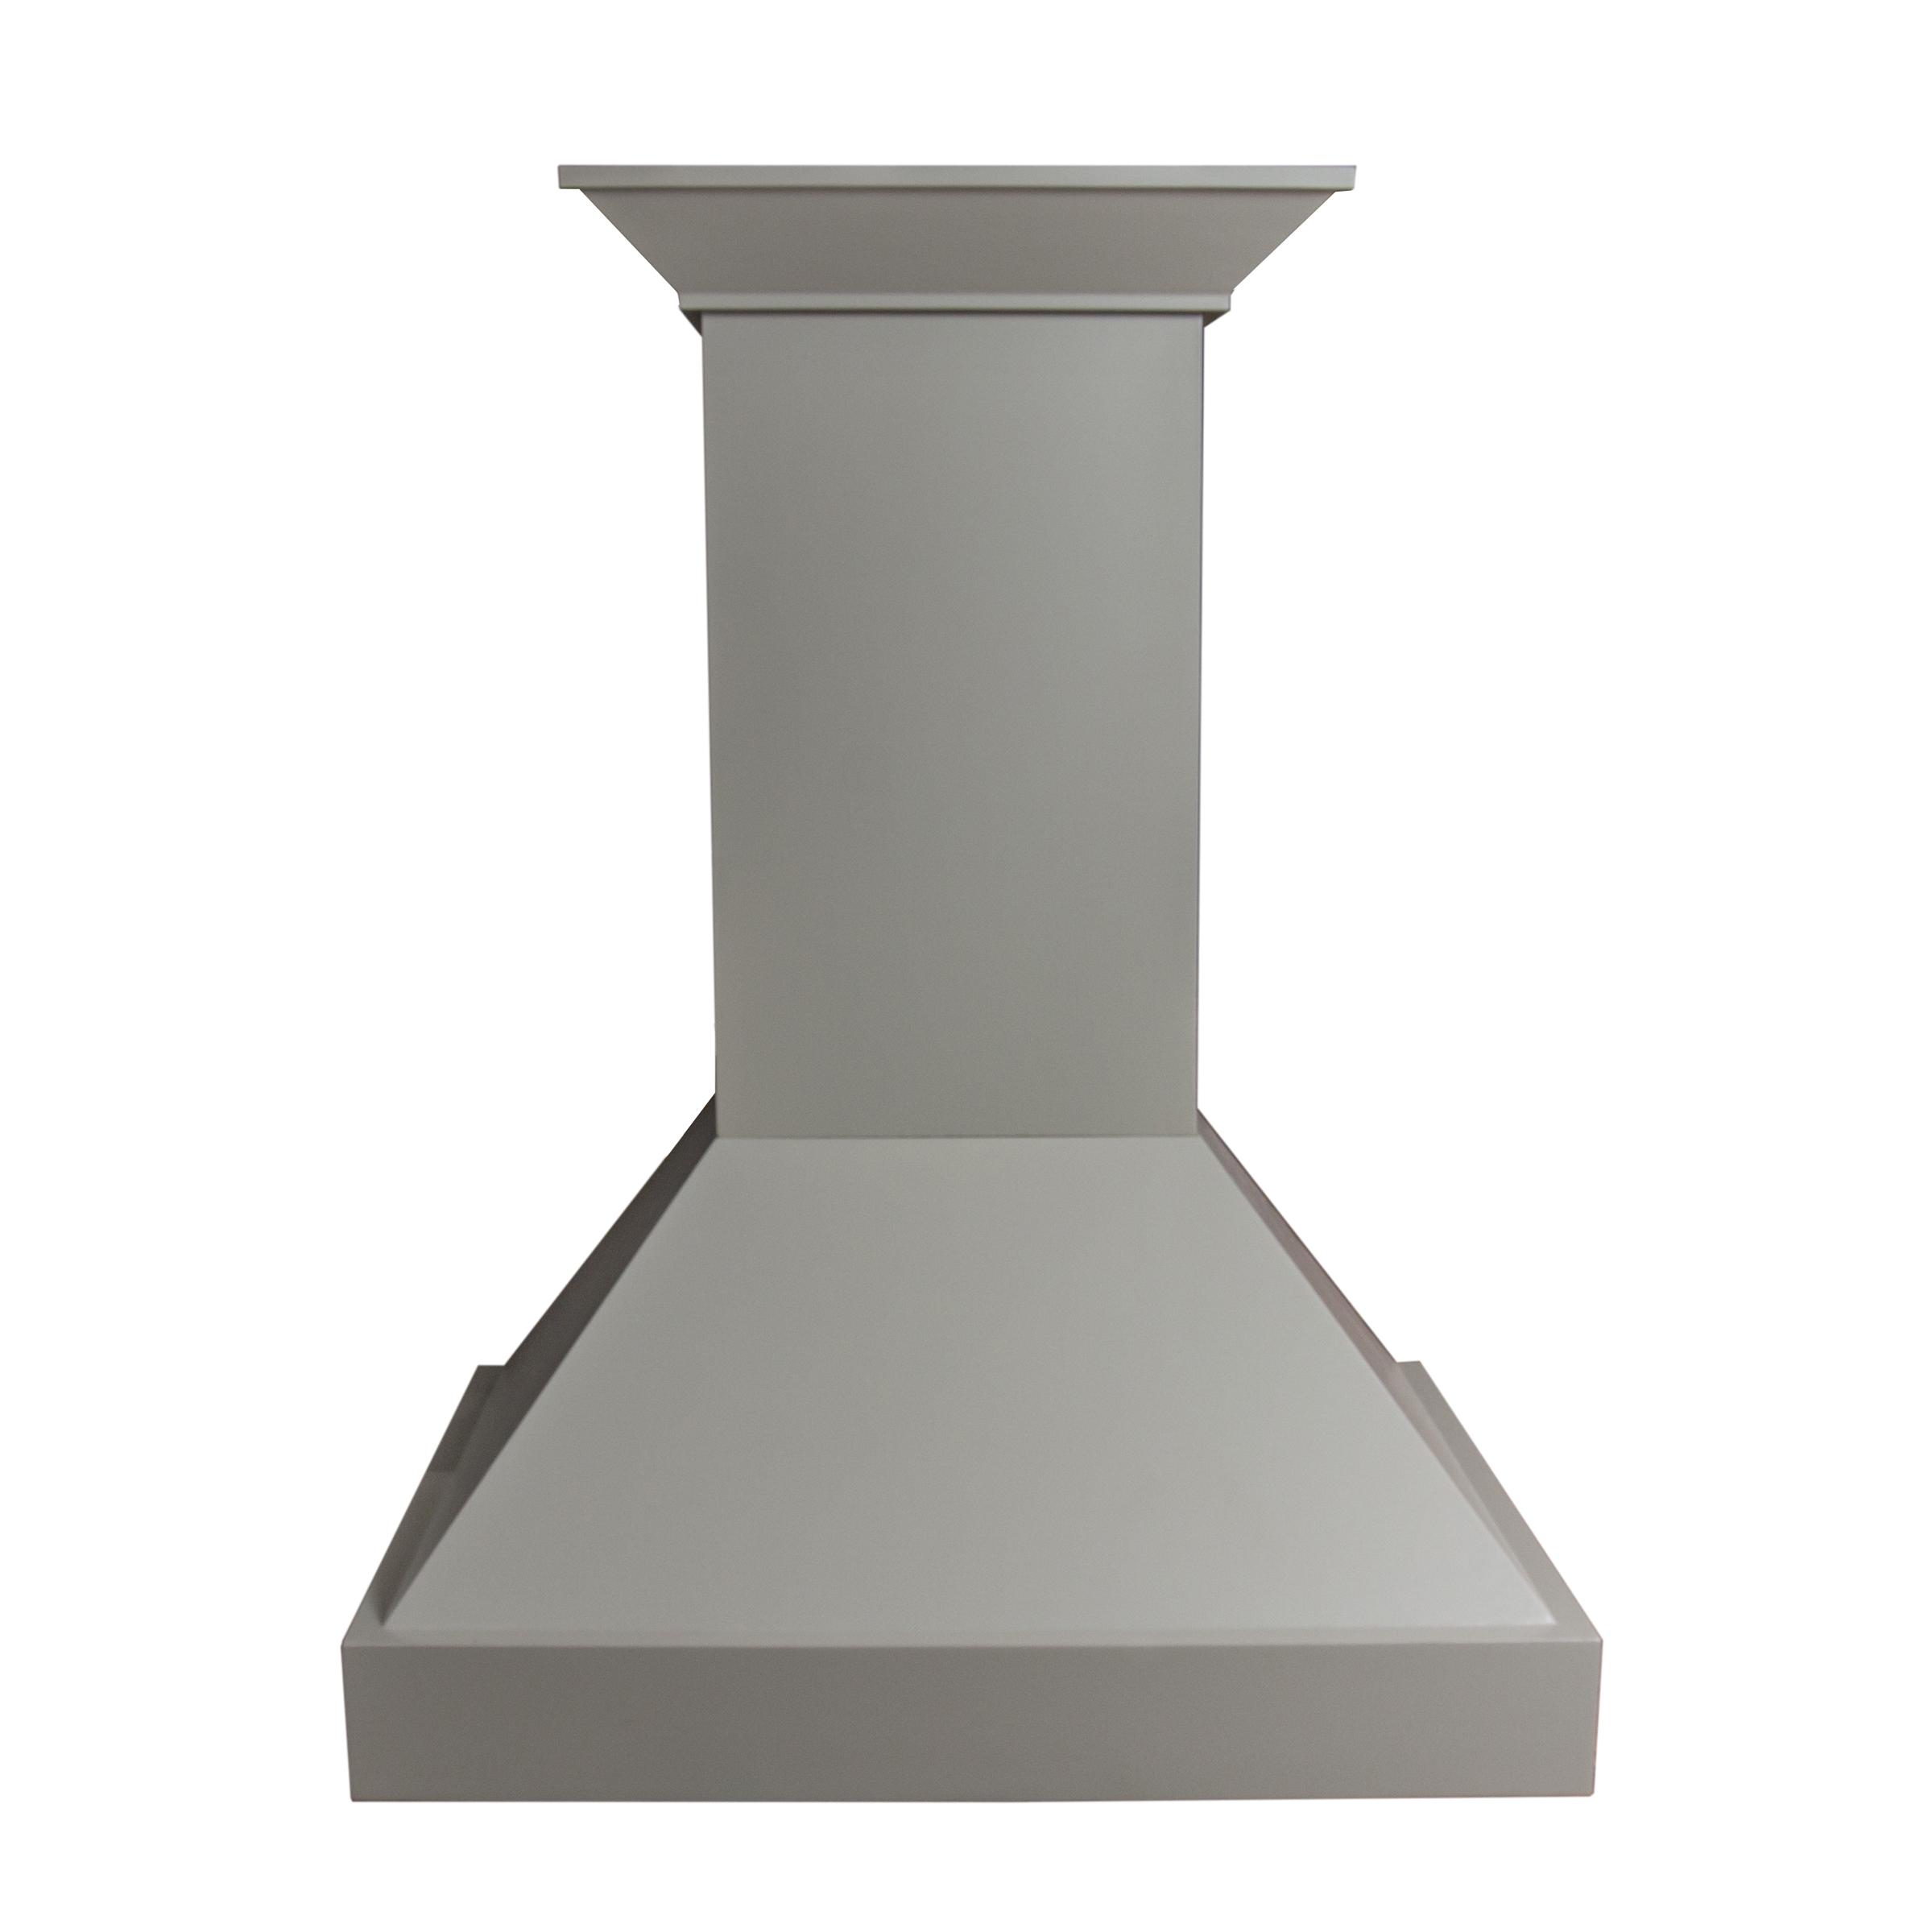 zline-designer-wood-range-hood-KBUU-front.jpg